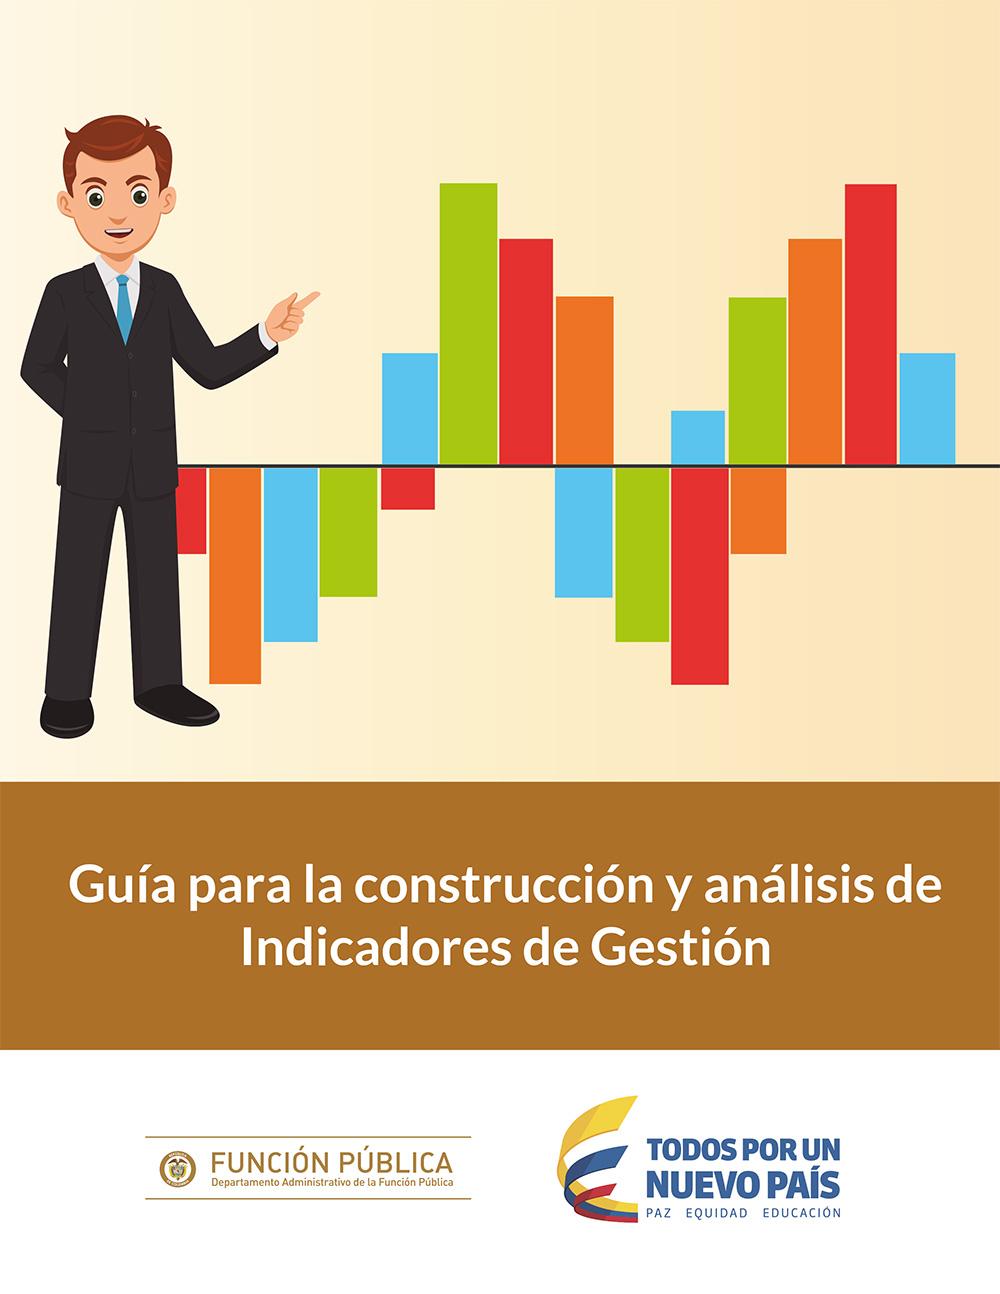 Guía para la construcción de análisis de Indicadores de Gestión